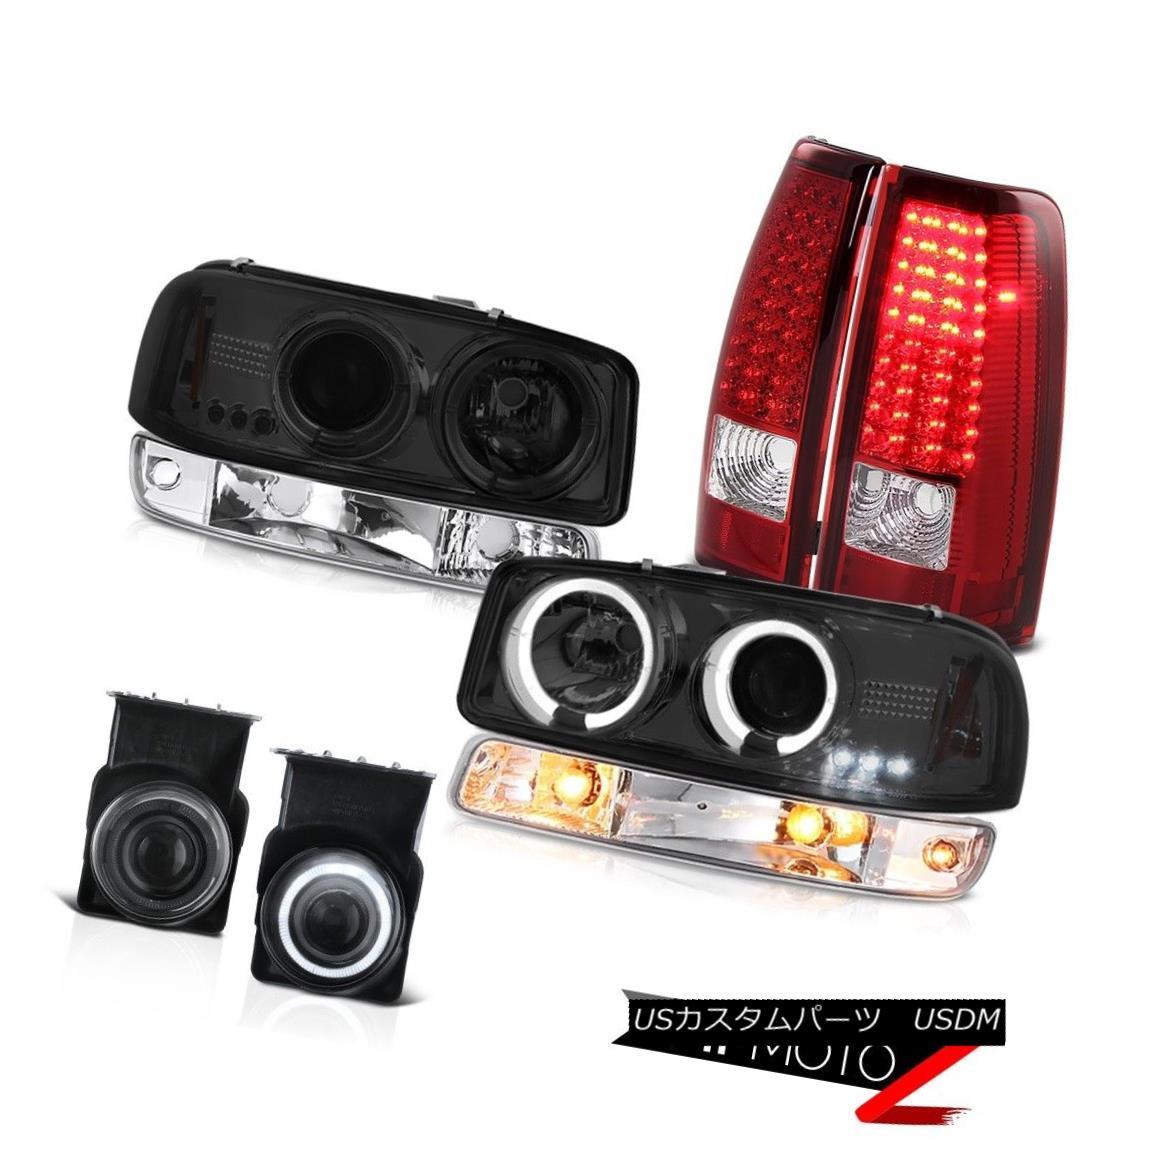 車用品 人気海外一番 バイク用品 >> パーツ お気にいる ライト ランプ ヘッドライト 03 04 05 06 Smokey foglamps Sierra 6.0L light signal 6.0Lスモーキーフォグランプsmdテールランプ信号ライトヘッドライト headlights lamps tail smd